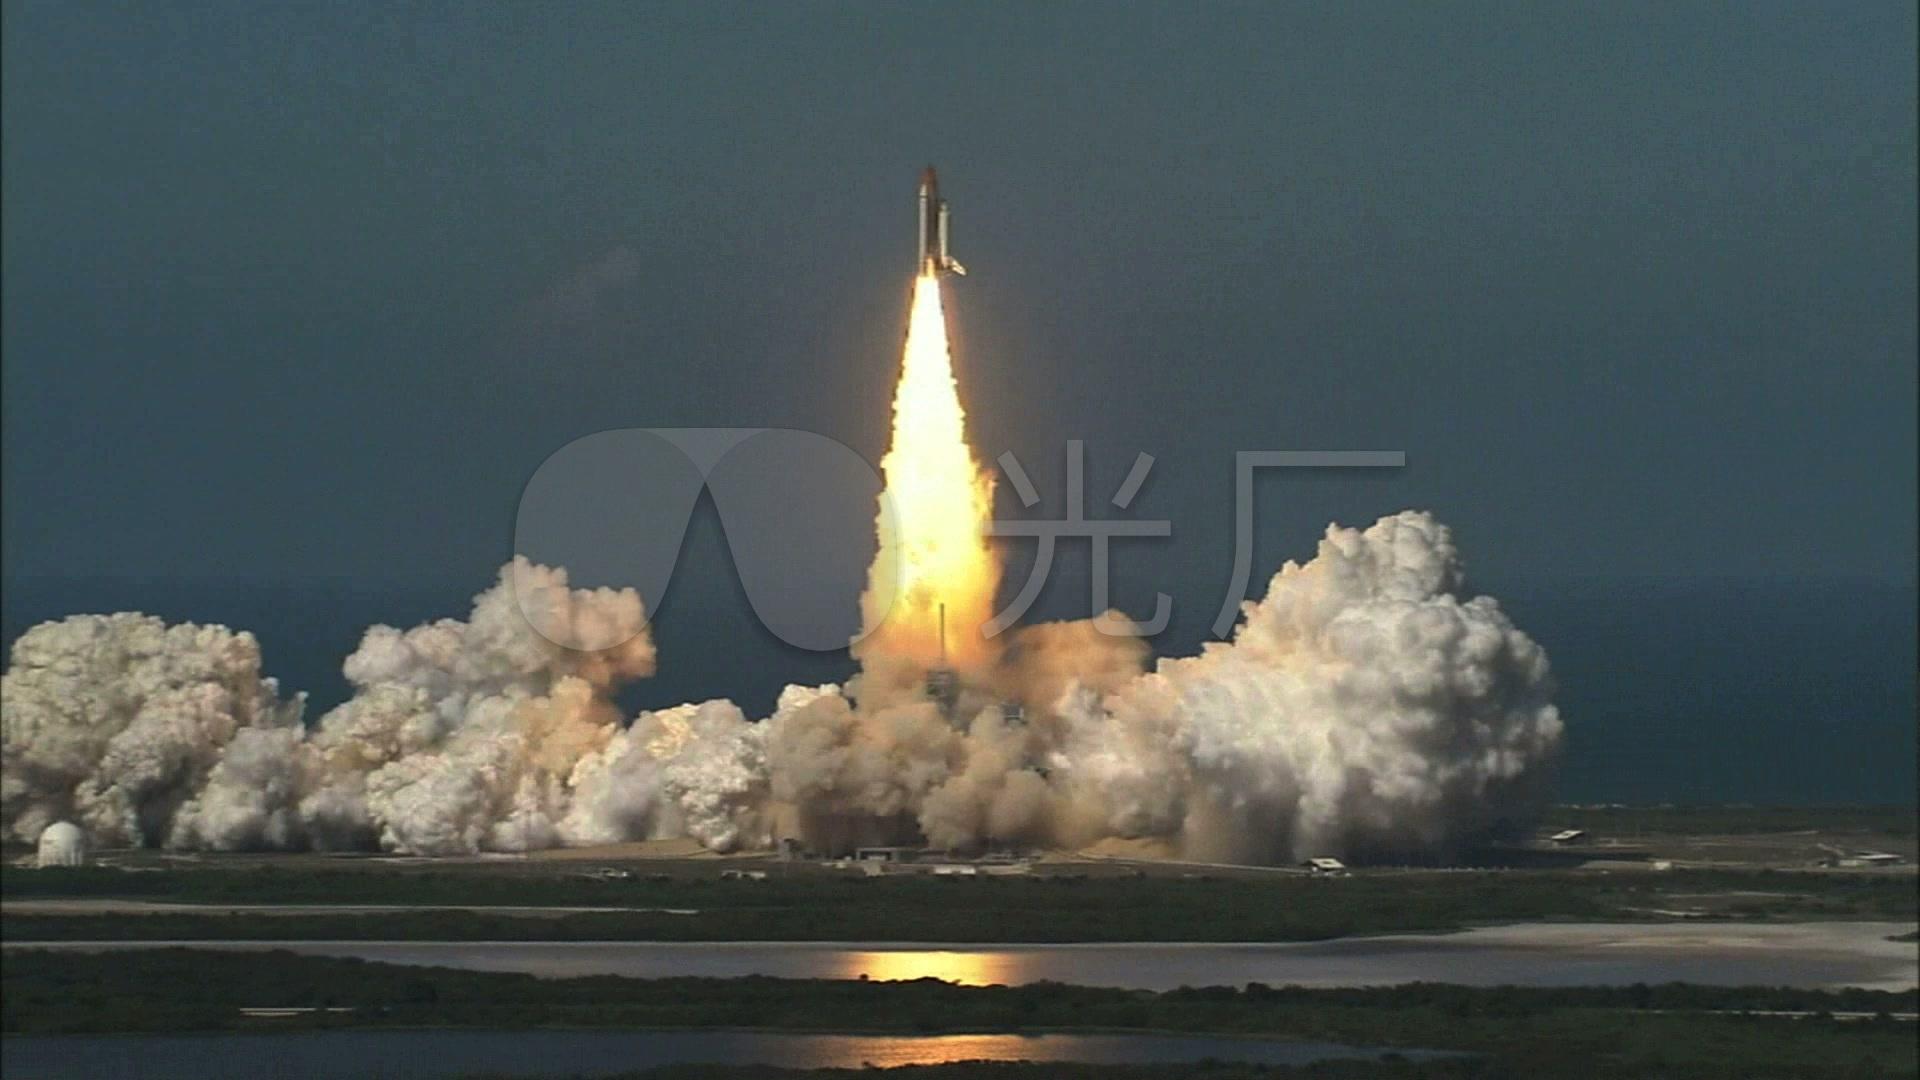 航天飞机发射升空_1920x1080_高清视频素材下载(编号